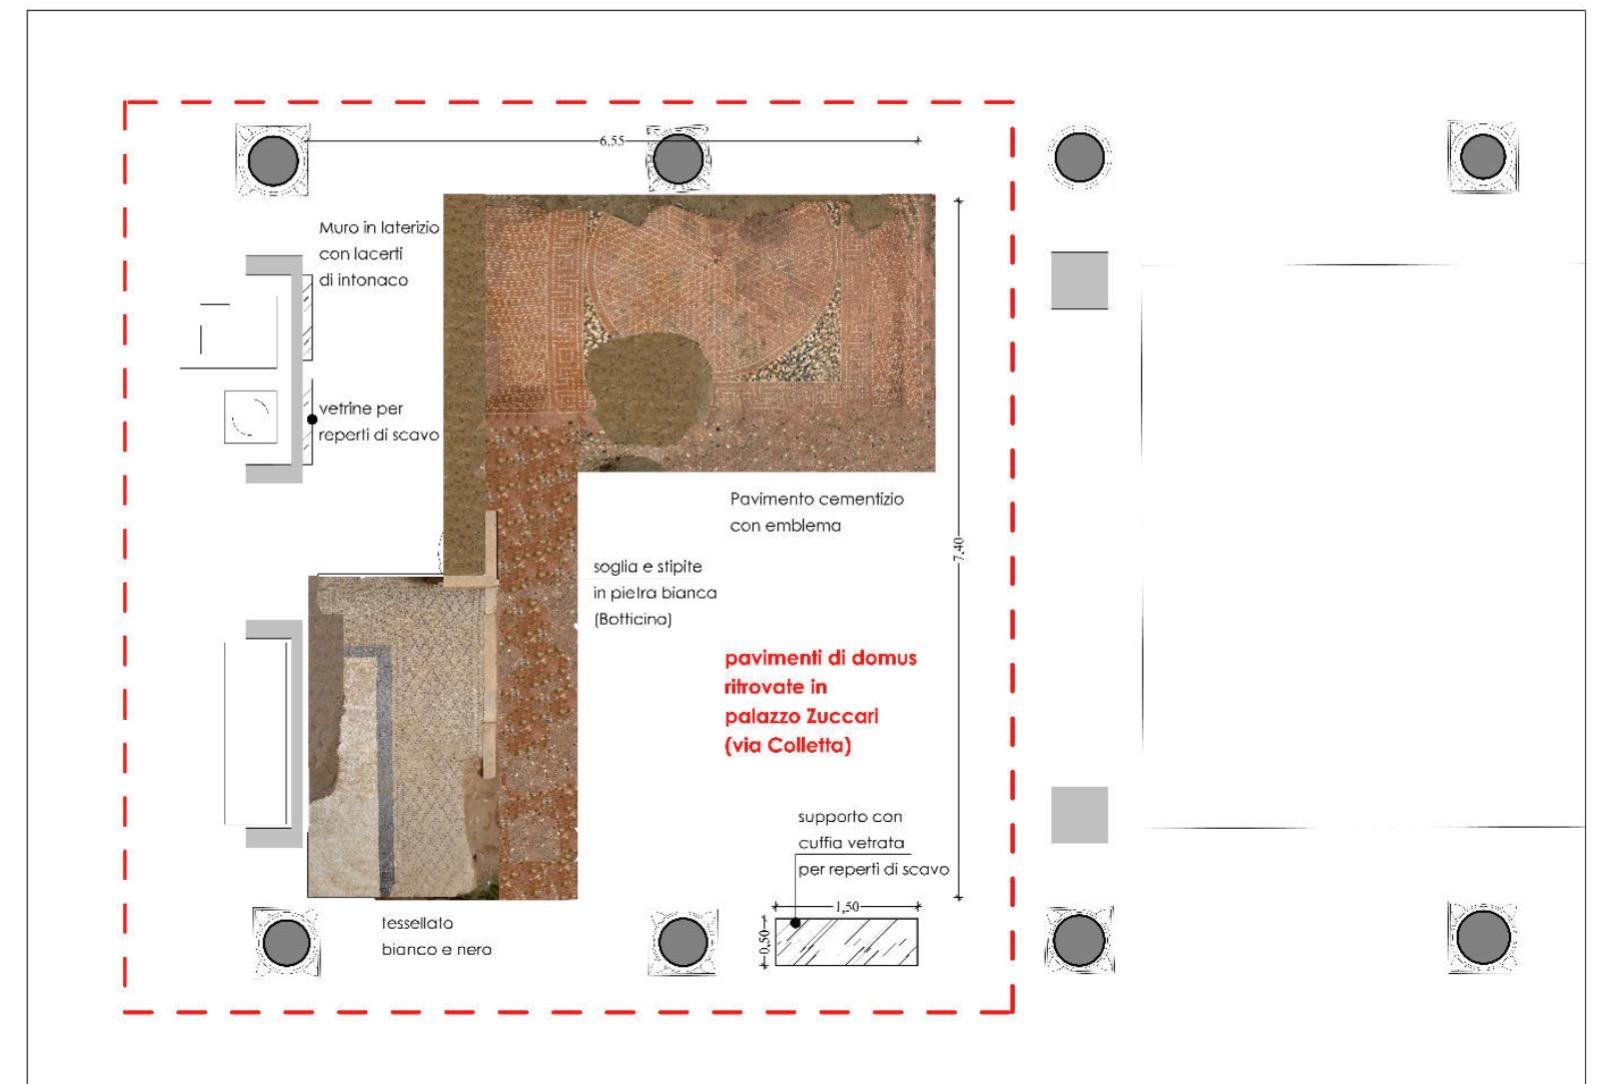 Una nuova domus romana: dal 4 novembre progetto cofinanziato dalla Regione